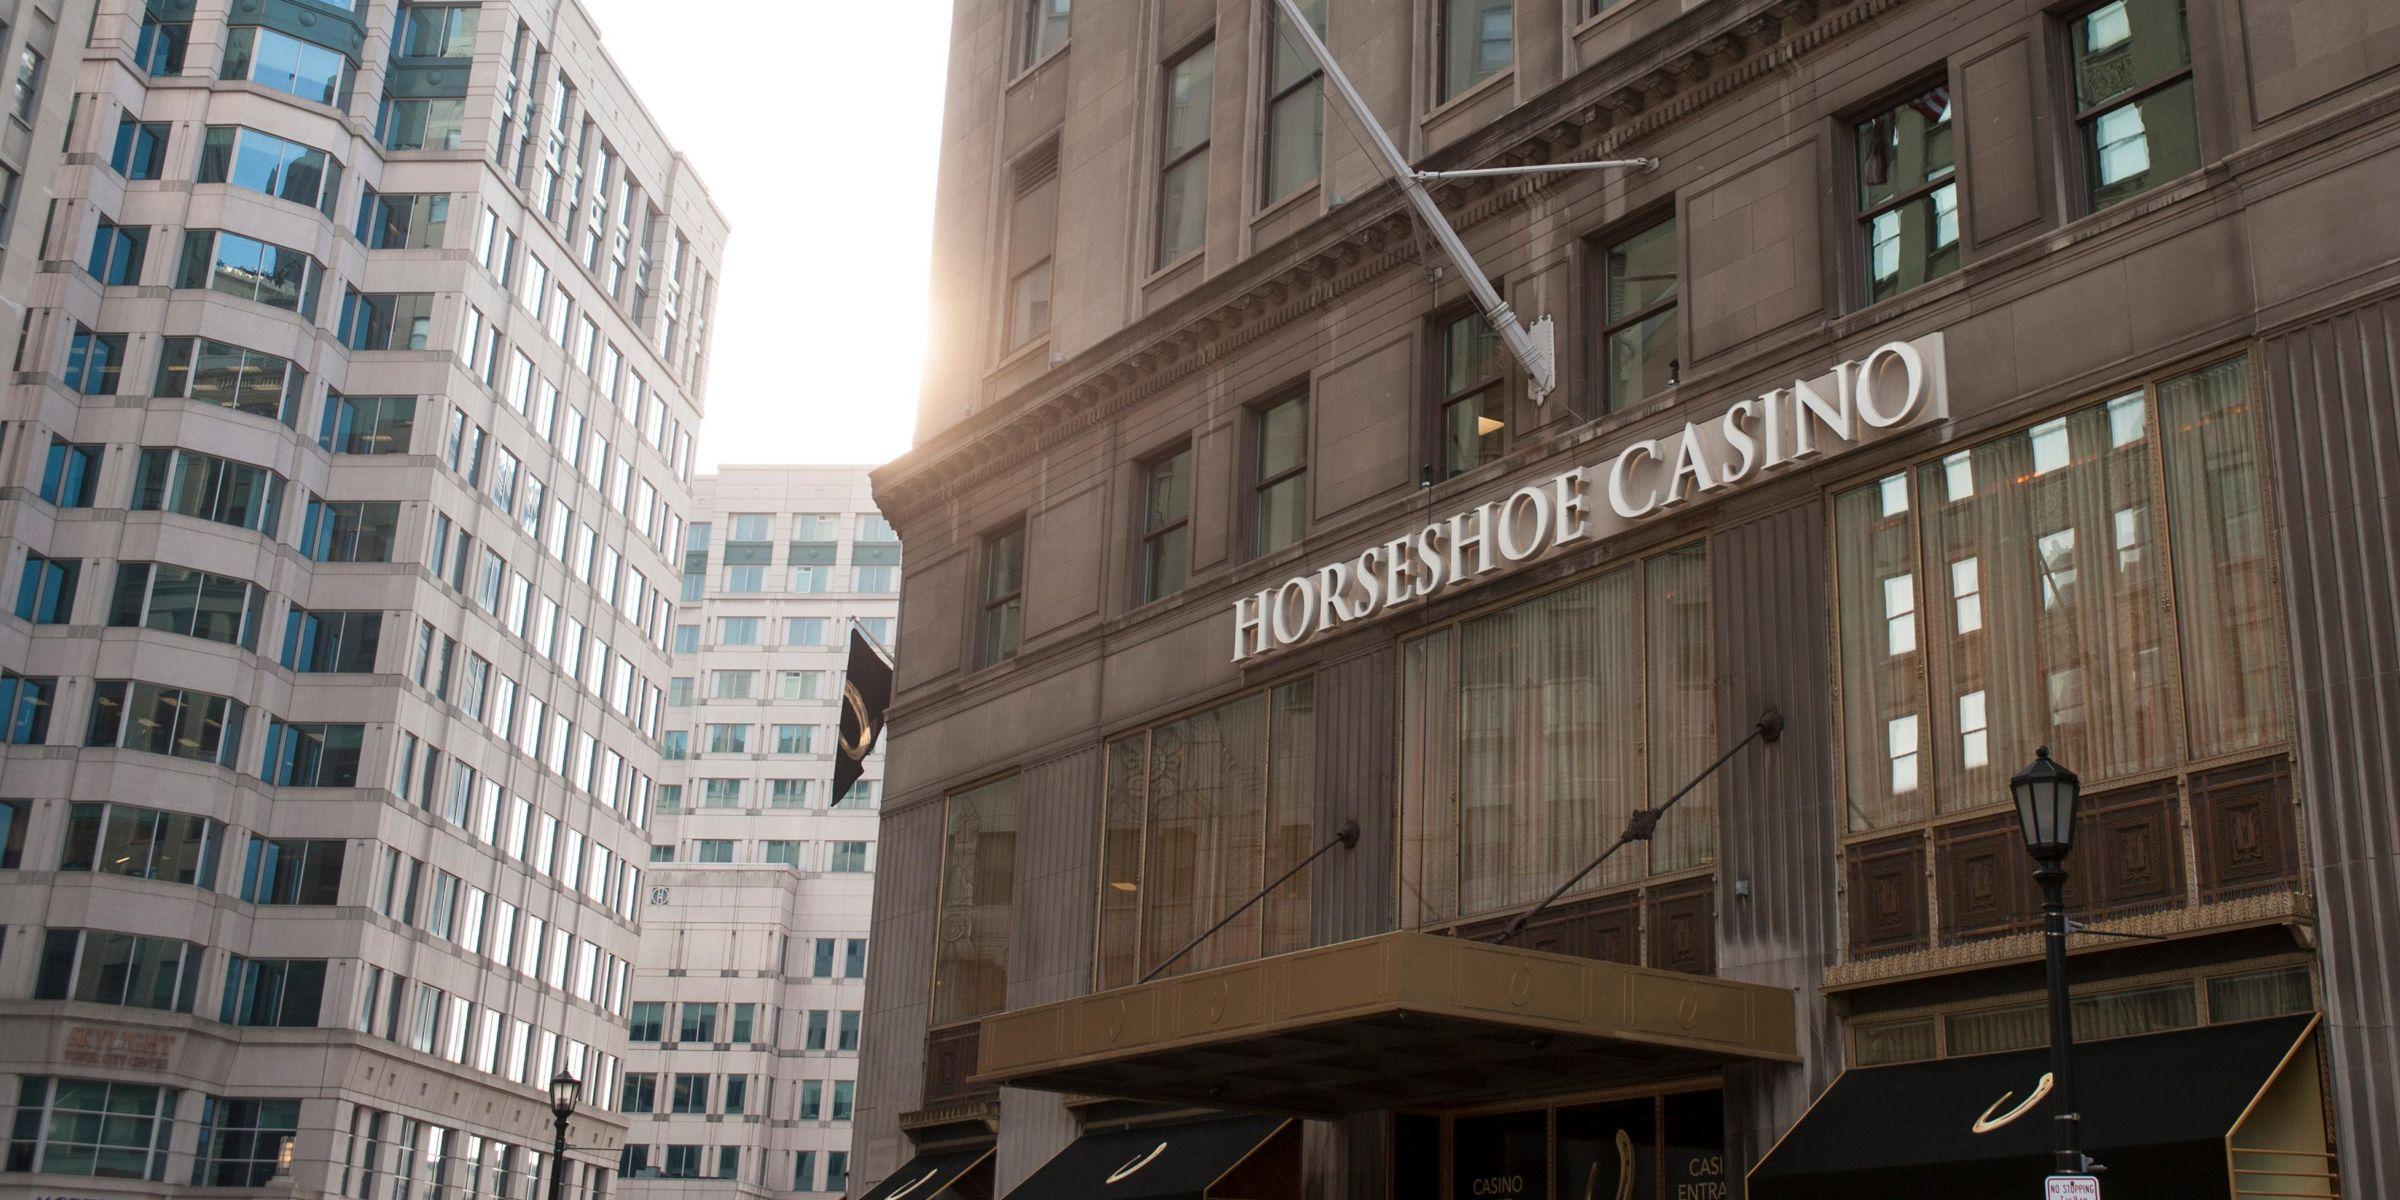 Horseshoe Cleveland